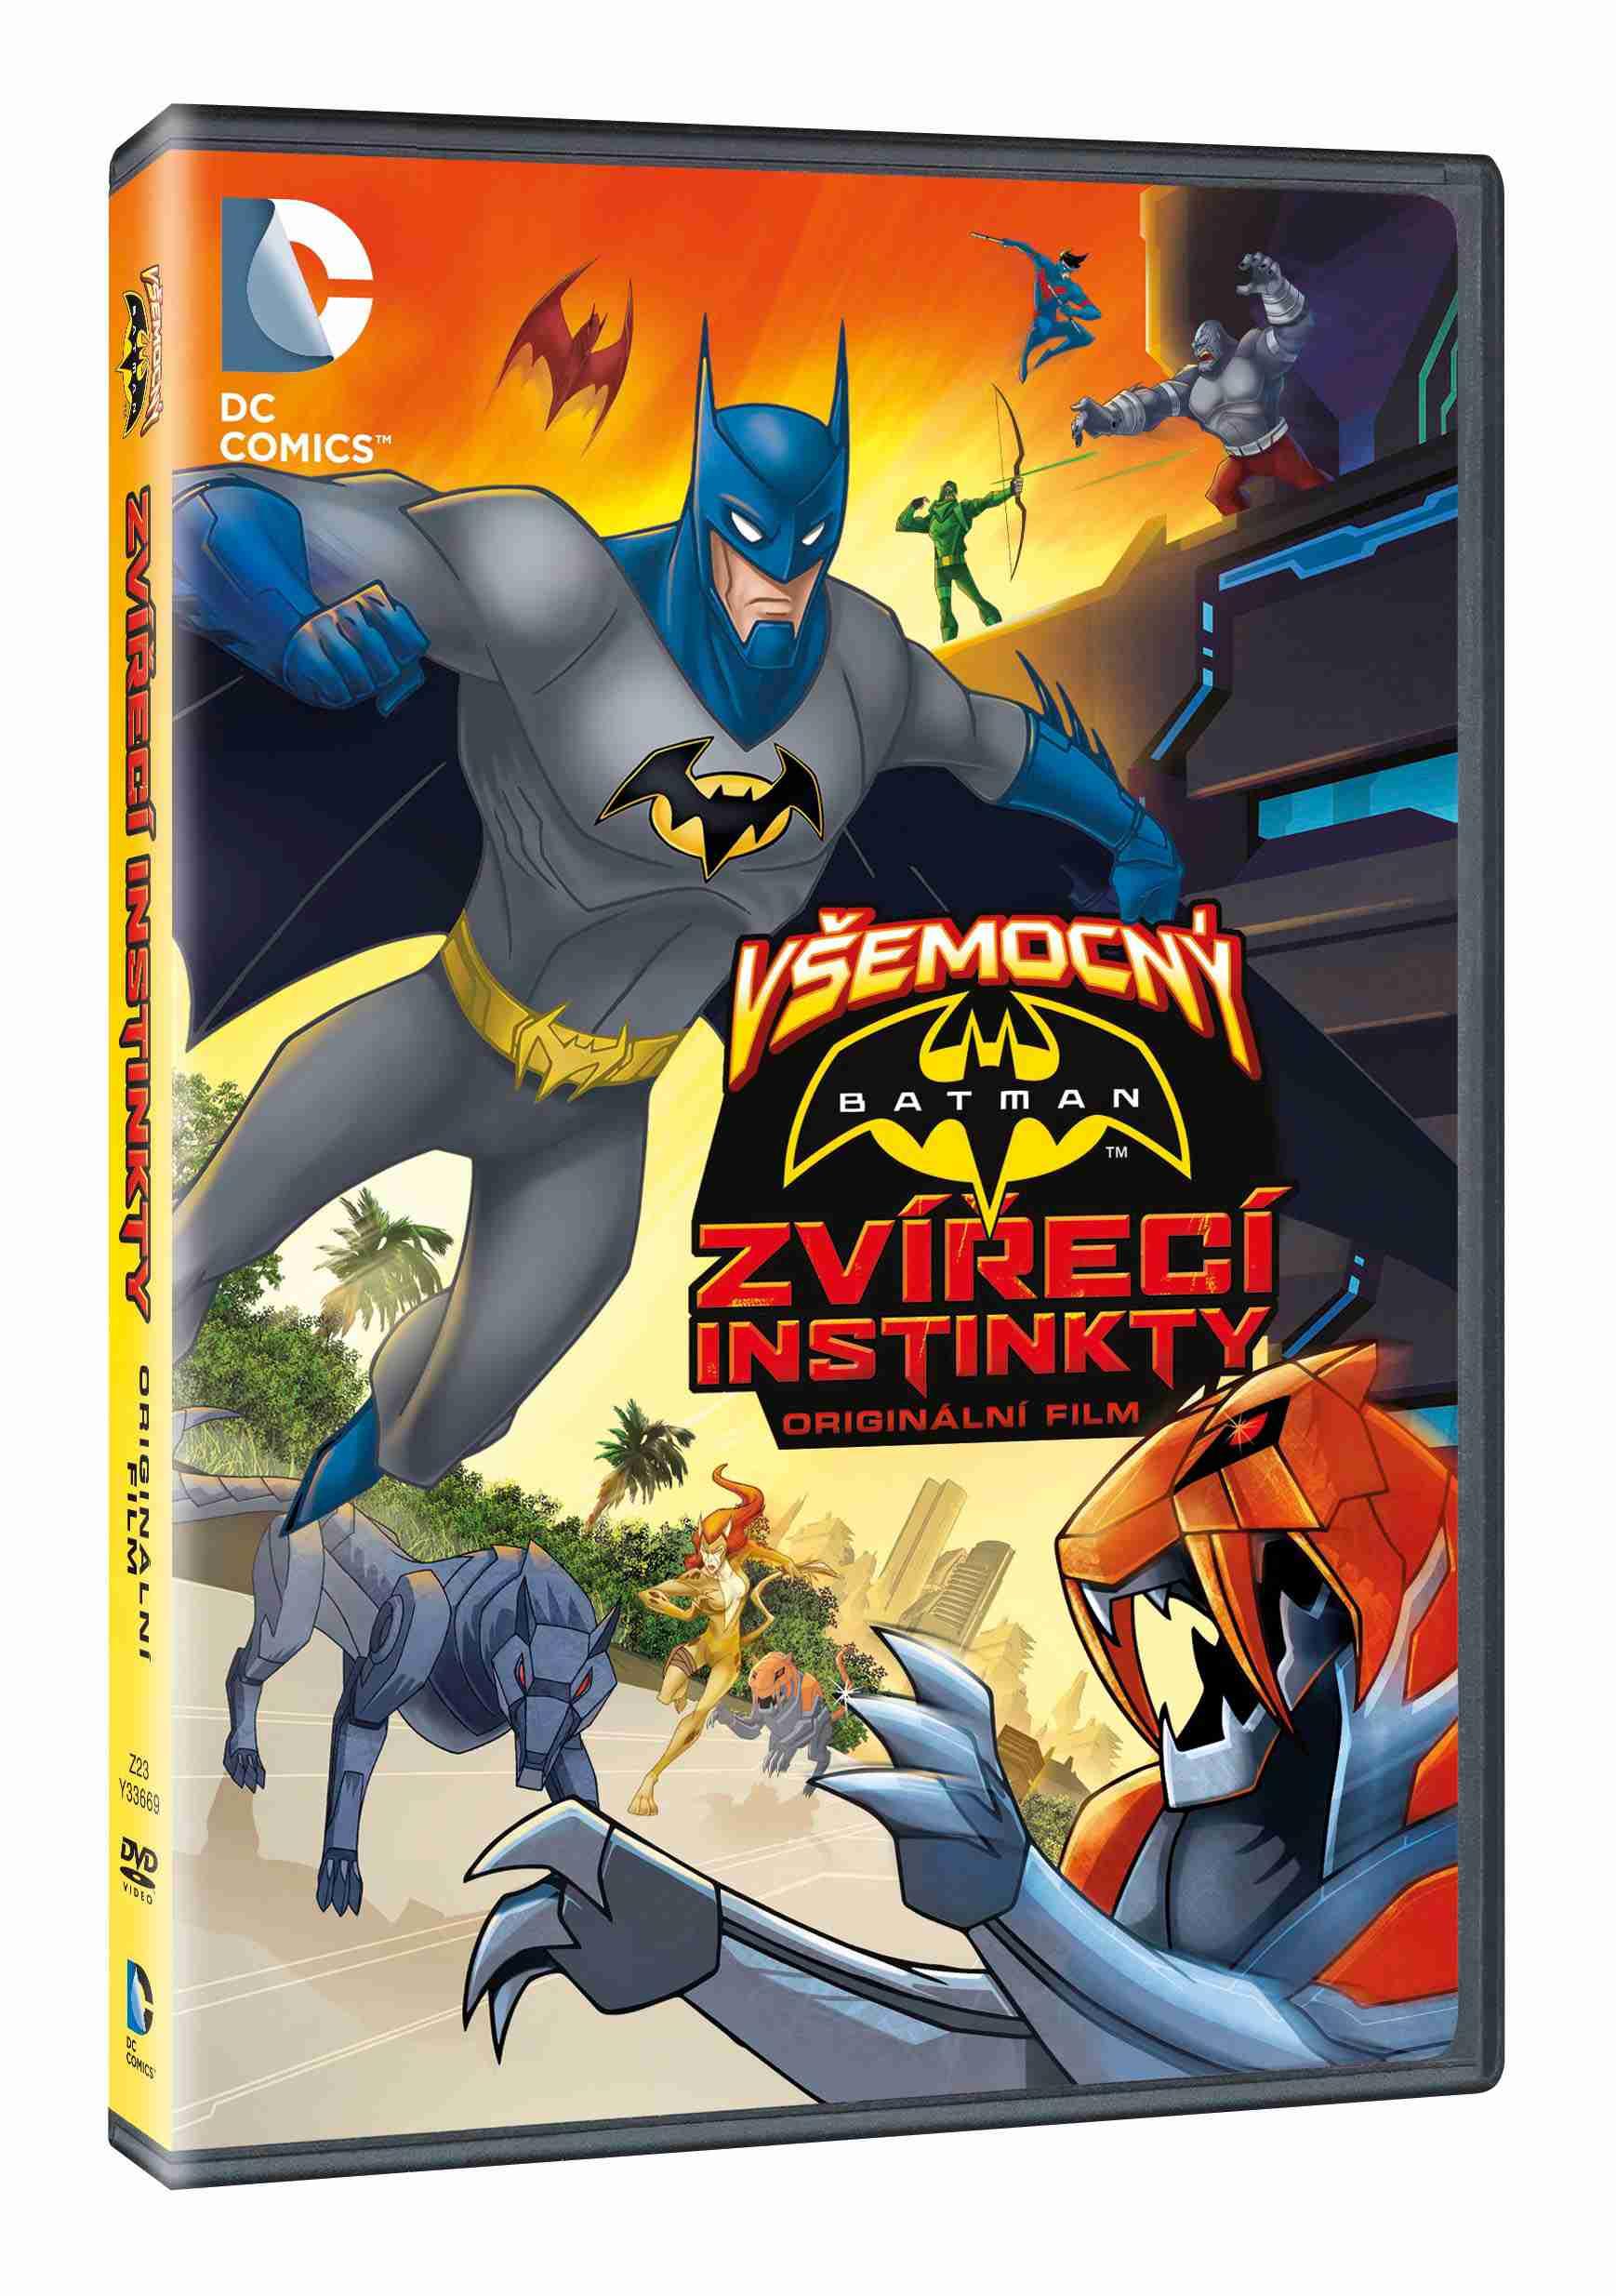 VŠEMOCNÝ BATMAN: ZVÍŘECÍ INSTINKTY - DVD